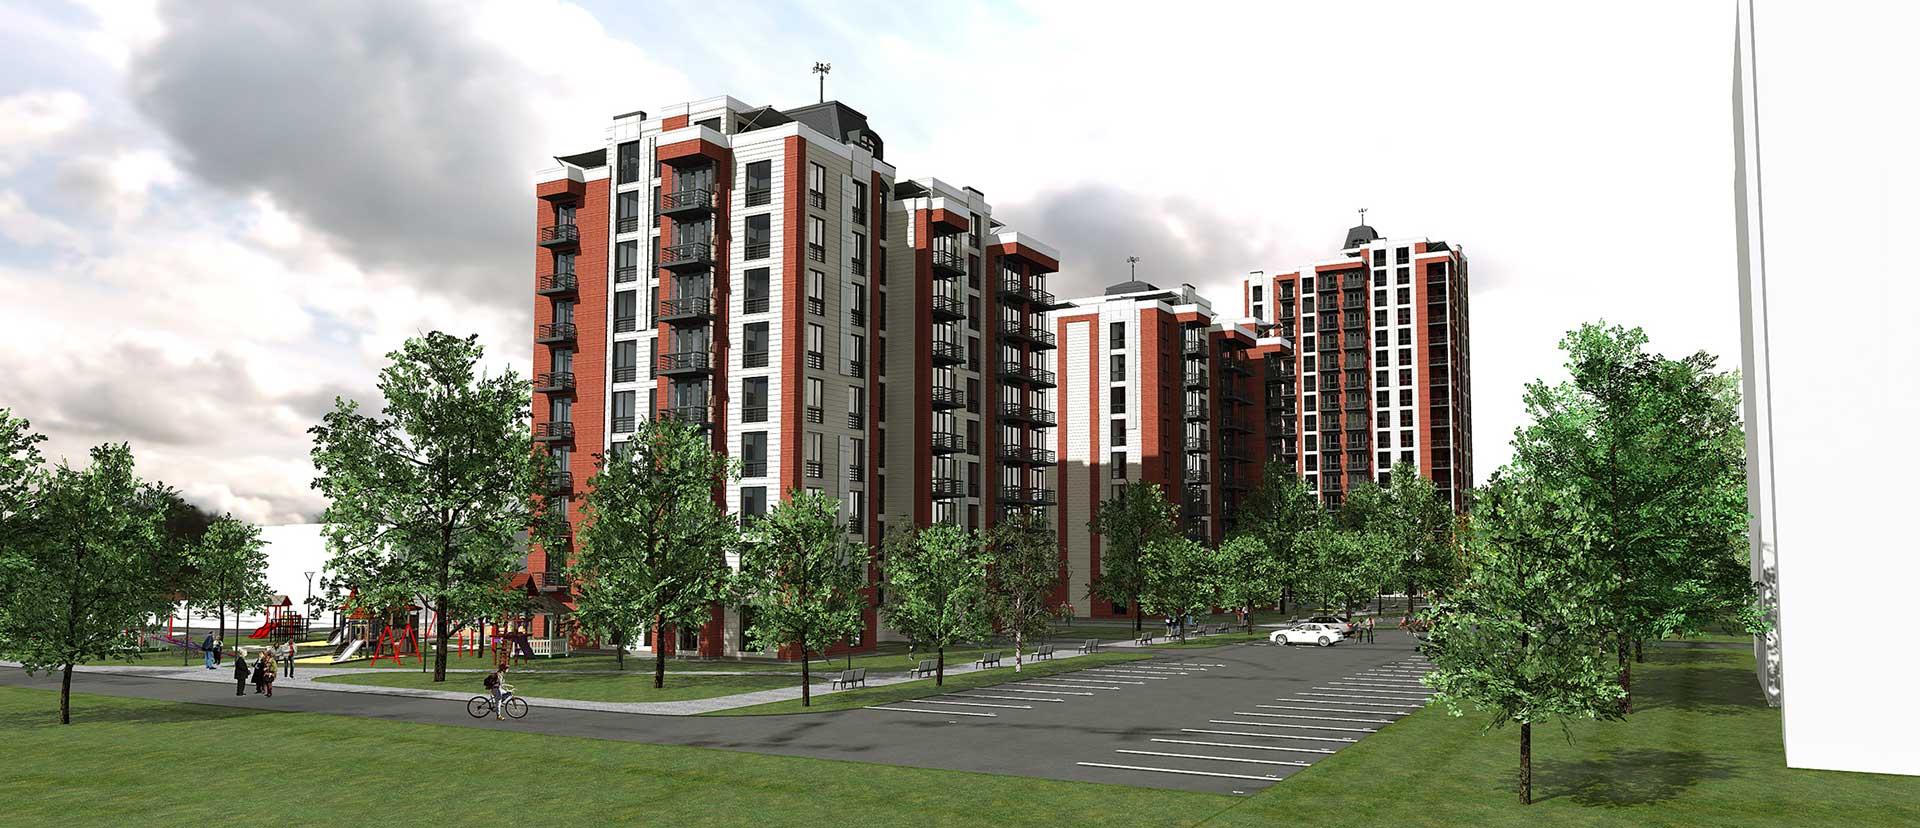 Проектное предложение жилого комплекса по ул. Порика в г. Виннице (фото 9)